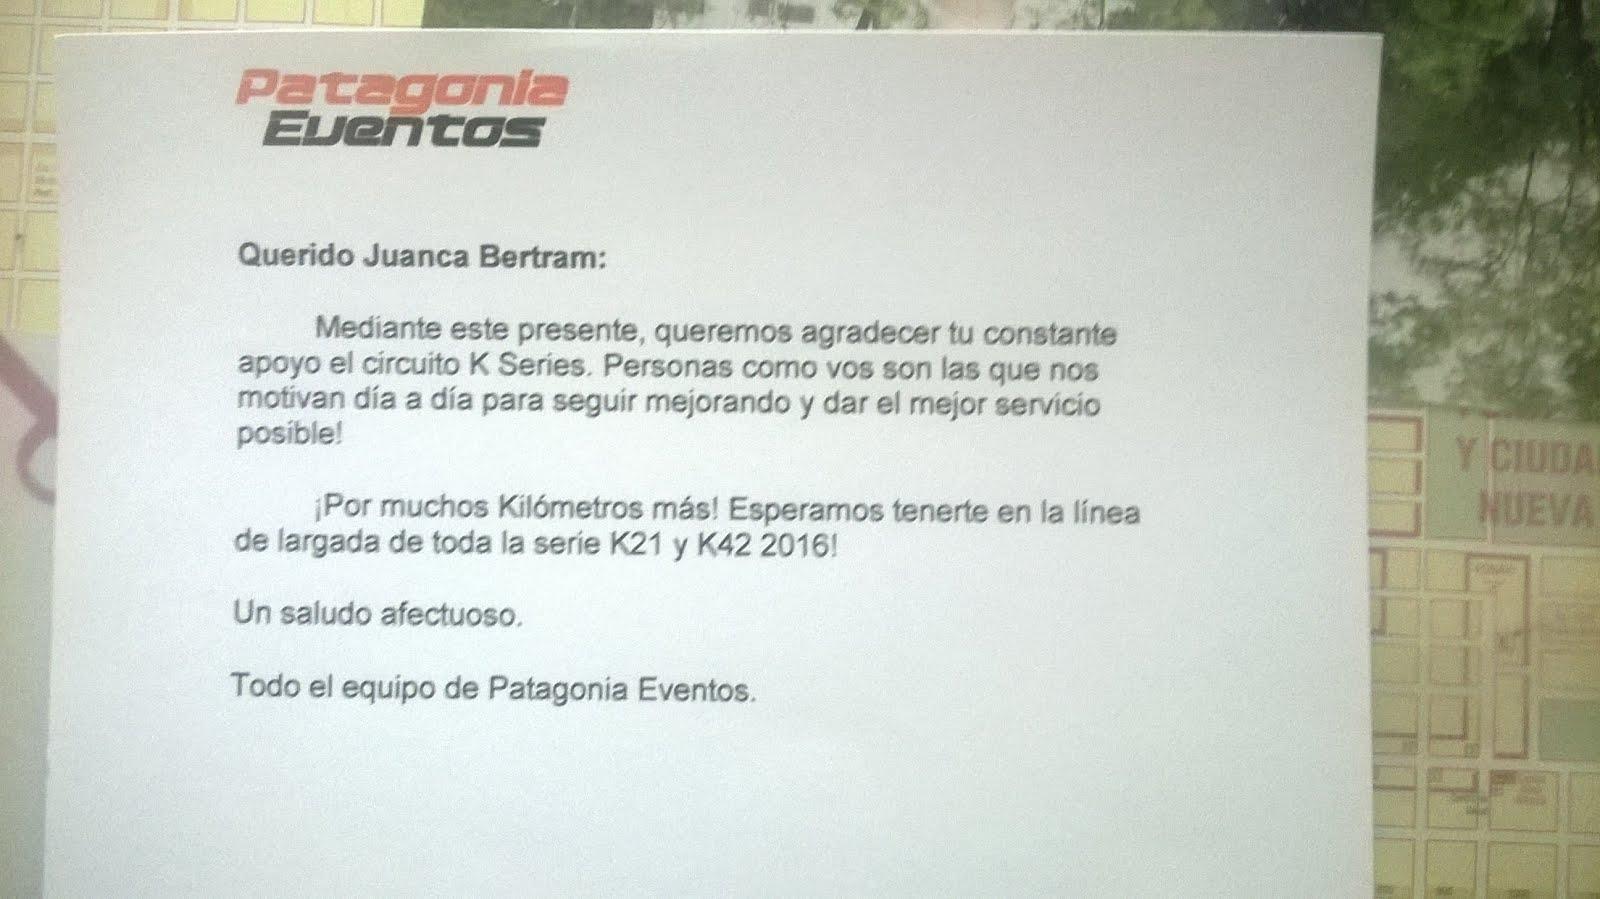 Reconocimiento Patagonia Eventos.